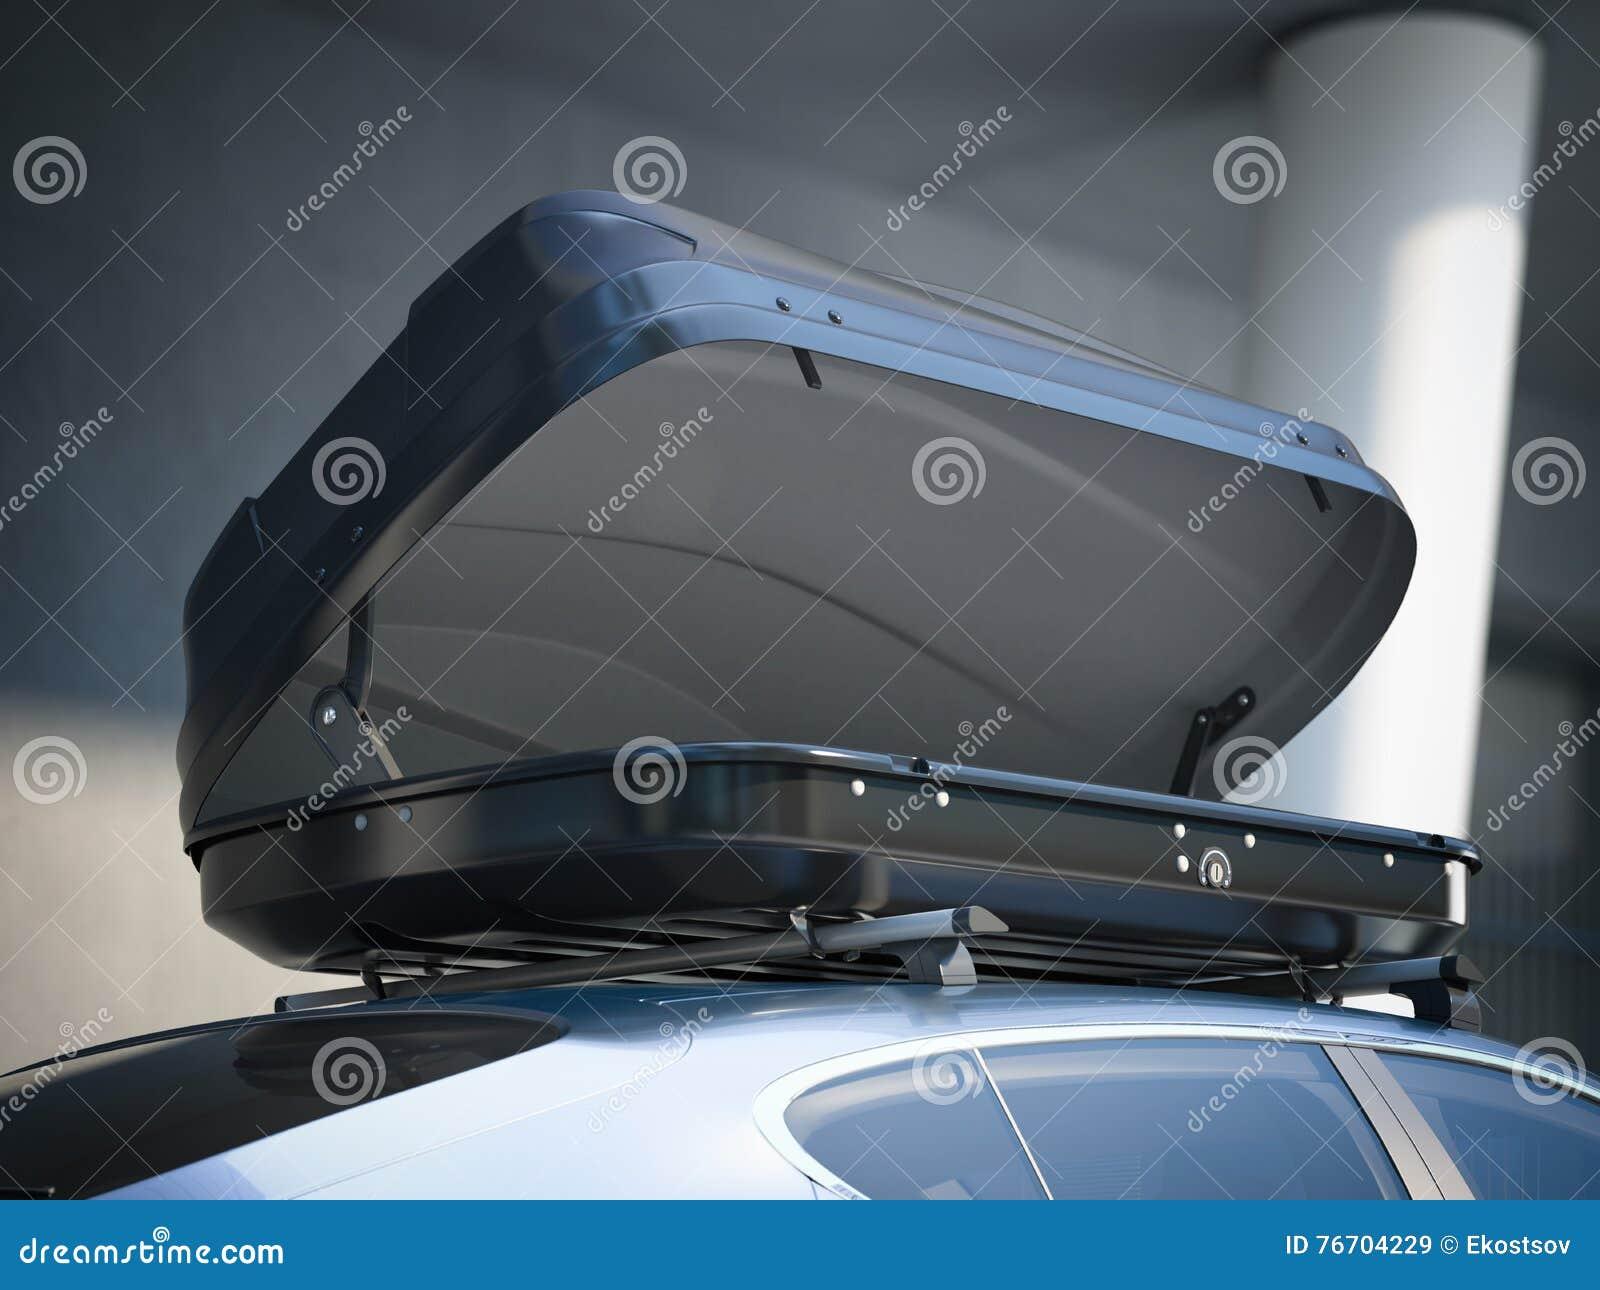 Öppnad takkugge och modern bil framförande 3d